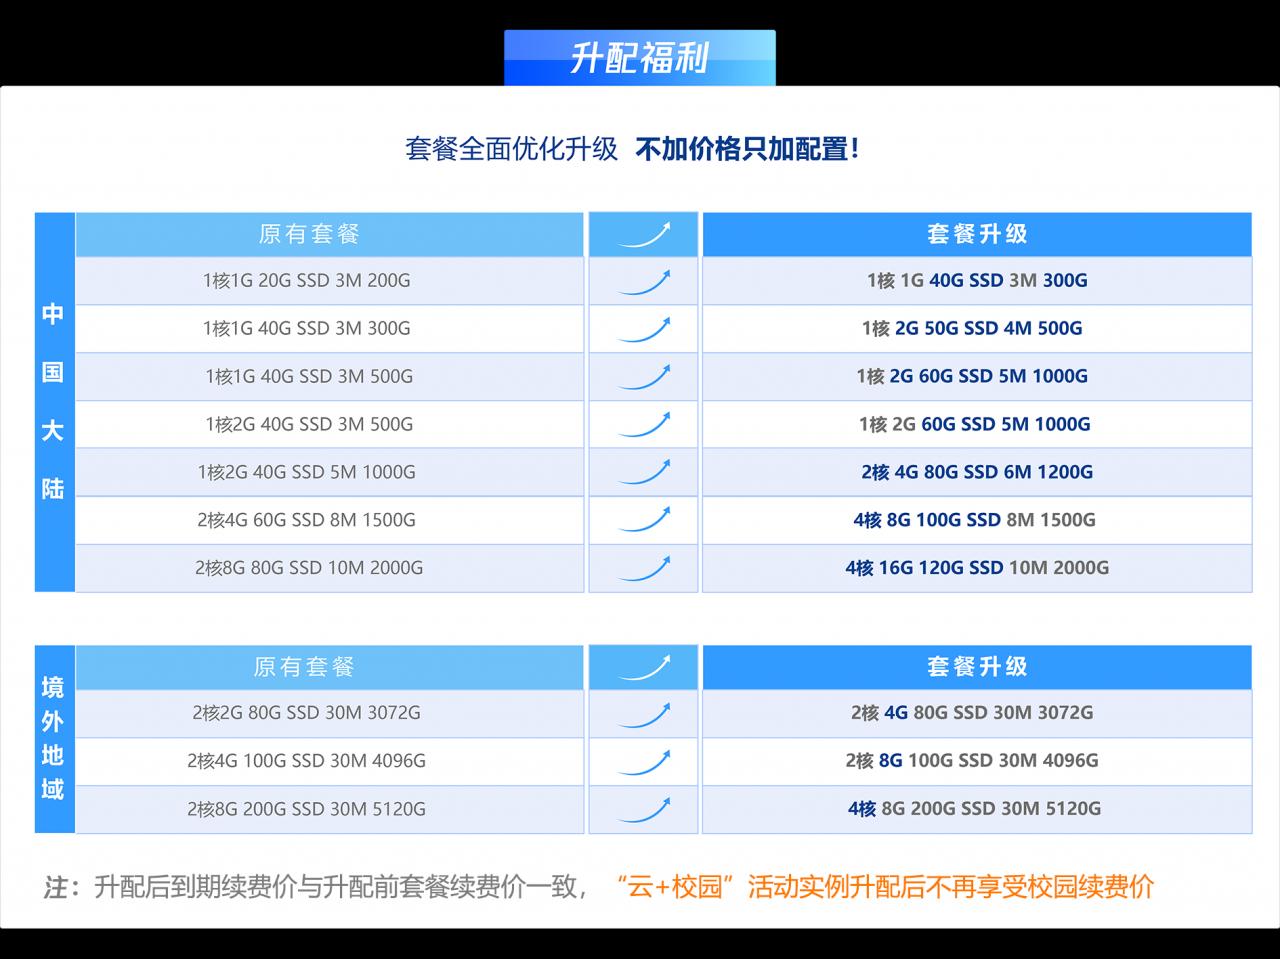 【速搜资讯】腾讯云为老用户推出免费配置升级活动 轻量服务器可免费升级配置